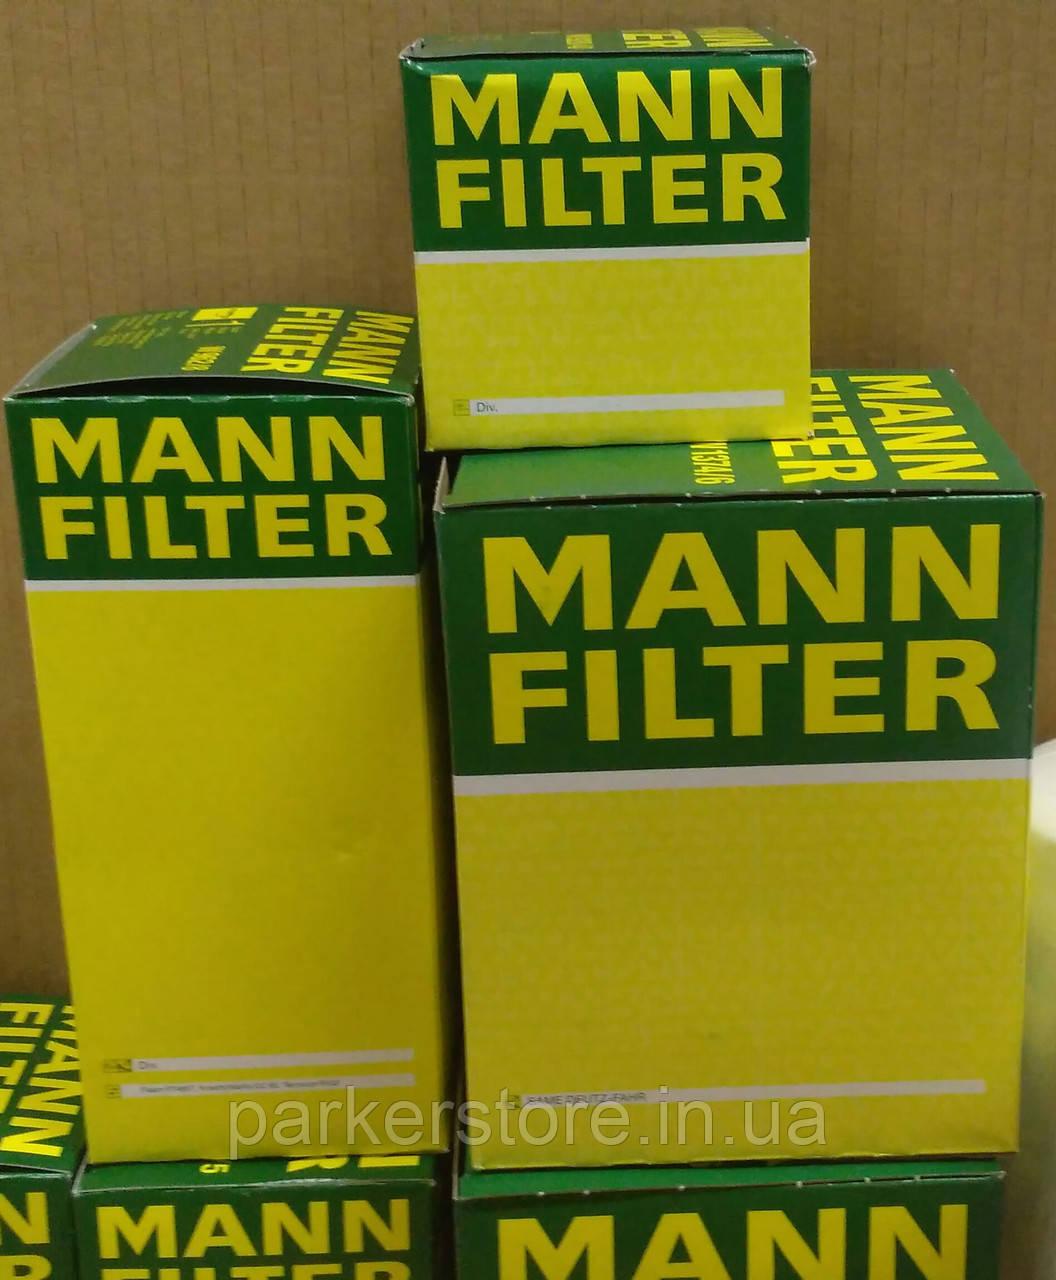 MANN FILTER / Повітряний фільтр / C 2335 / C2335